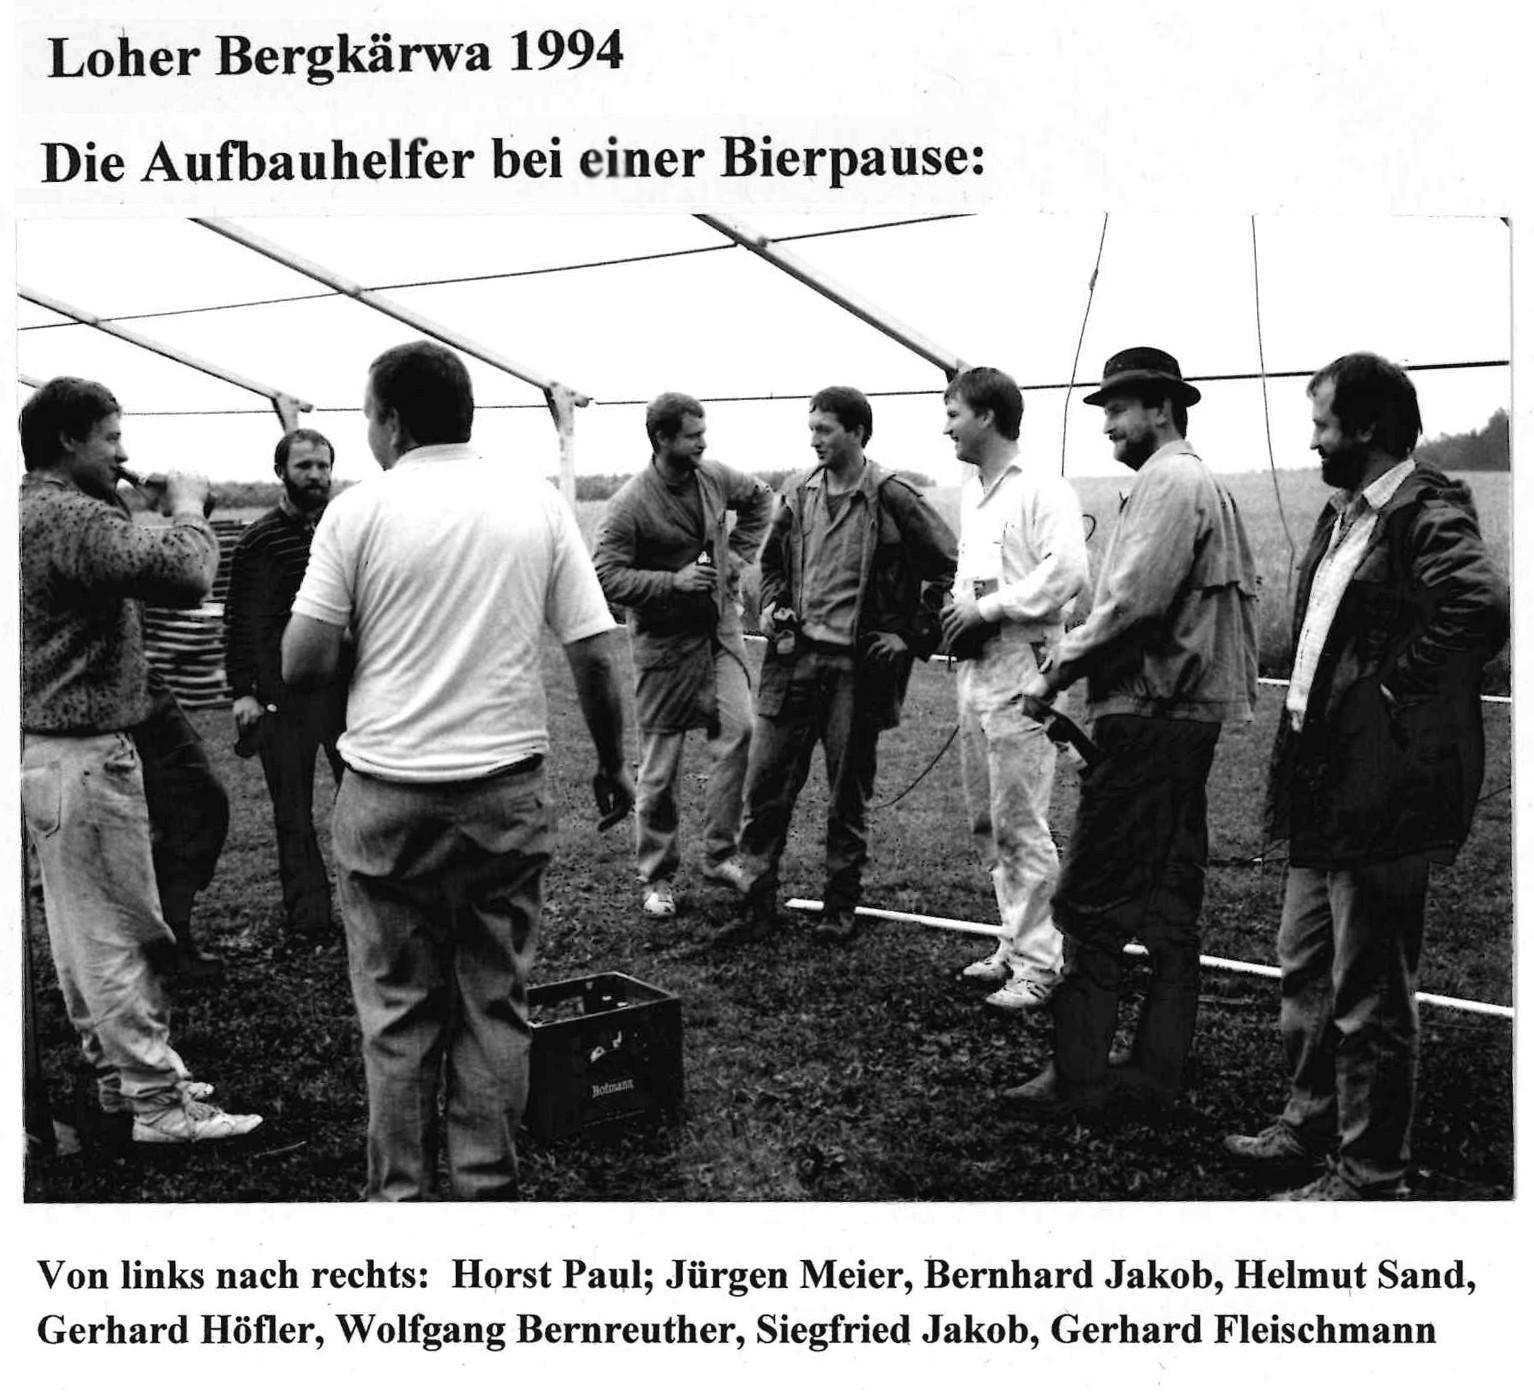 sfl-91-94-a29c-loherkerwa-1994